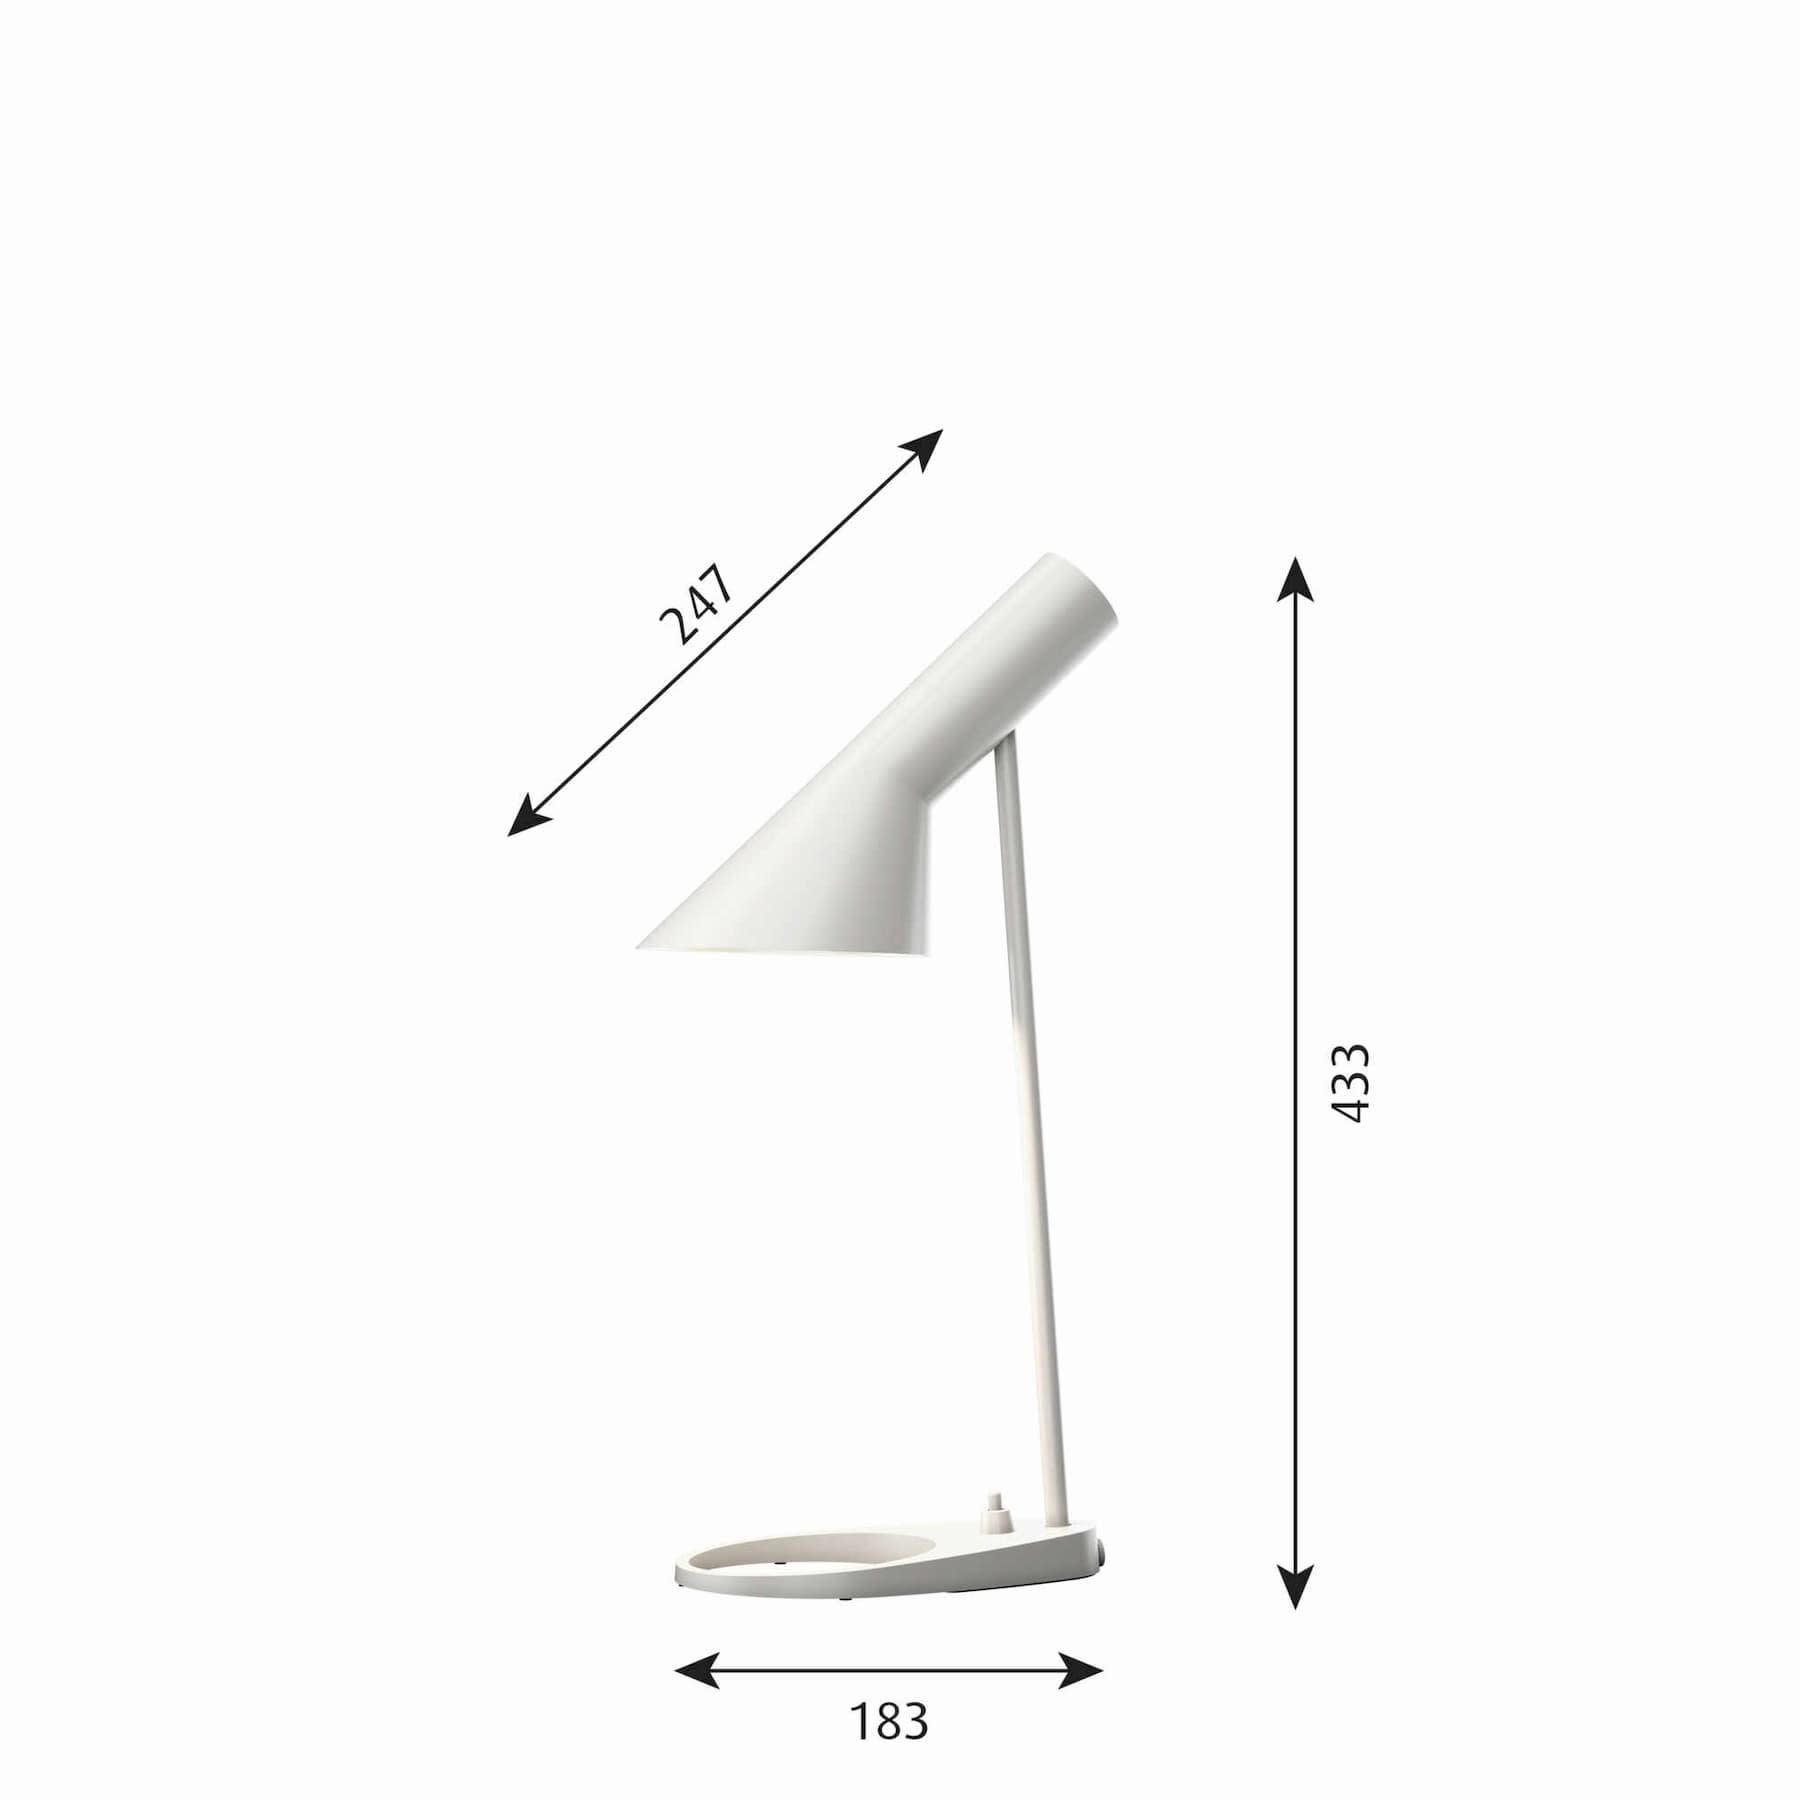 louis-poulsen-aj-mini-table-lamp-dimensions